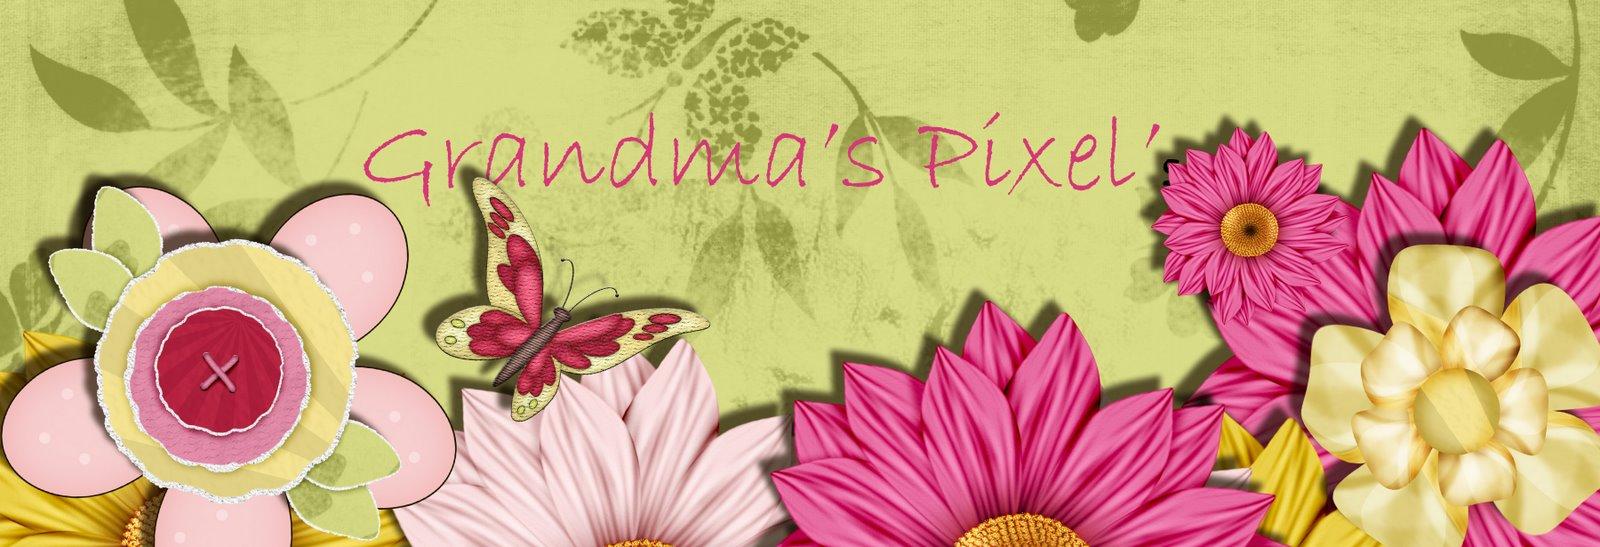 Grandma's Pixel's